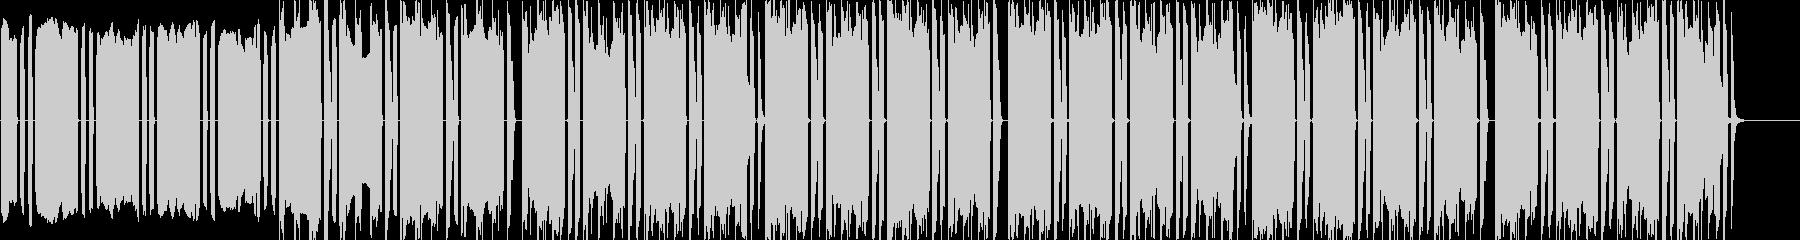 リズムに意外性を盛り込んだテクノの未再生の波形